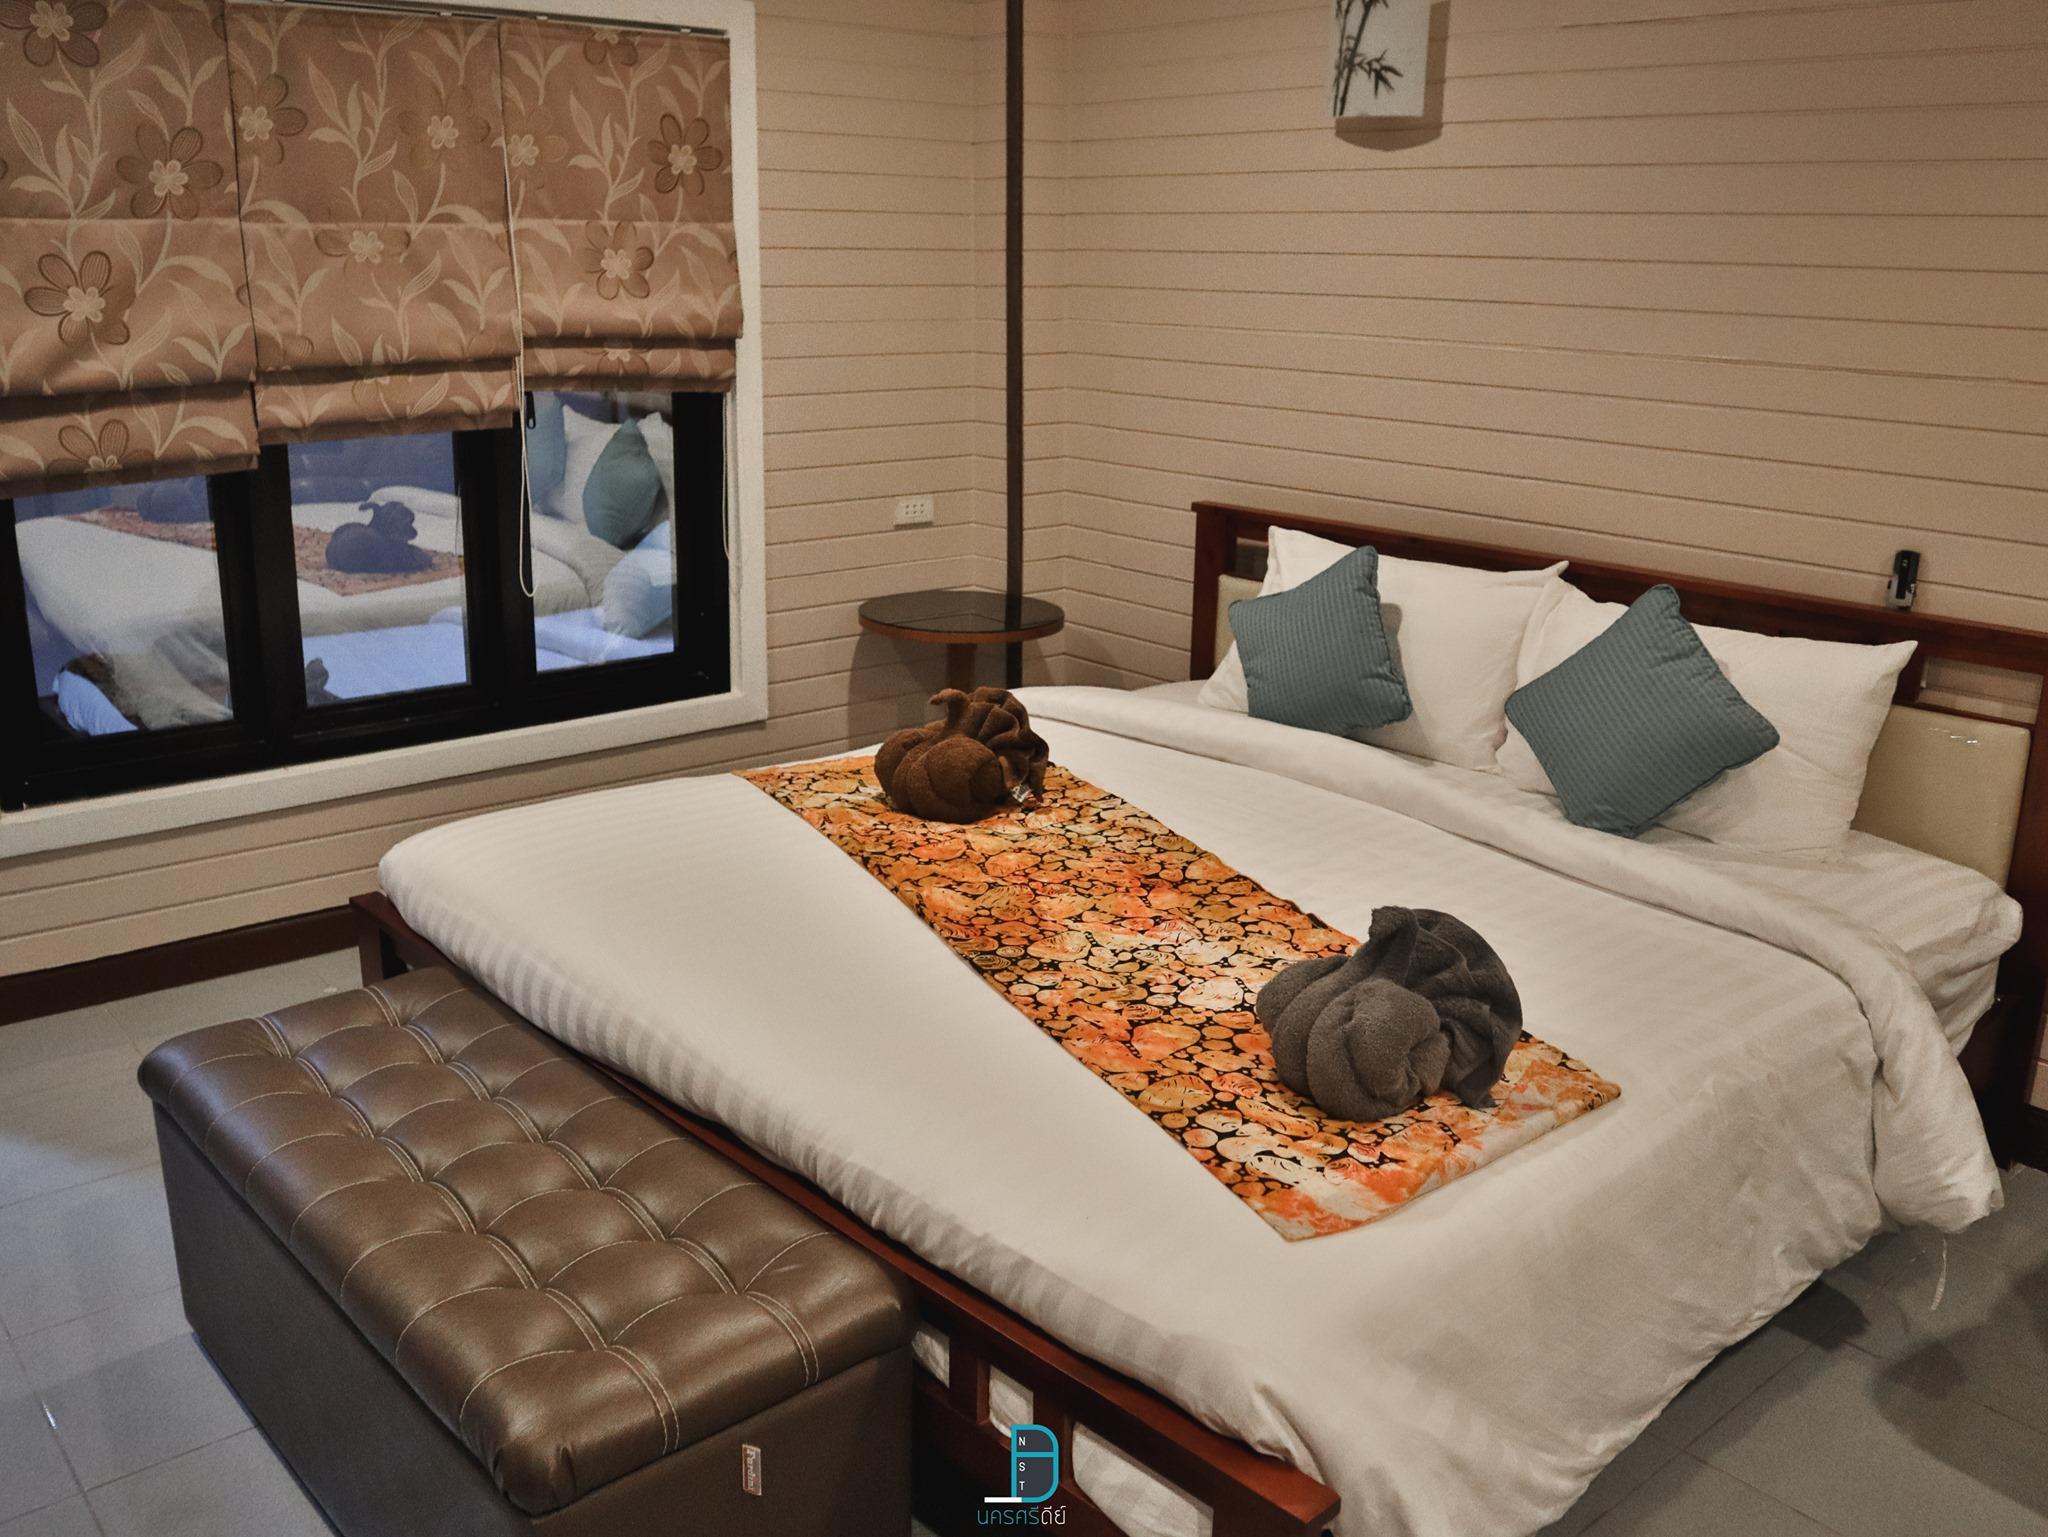 ที่พัก,ช้างกลาง,คาเฟ่,ของกิน,ทริปเที่ยว,ฉวาง,อร่อย,ทะเลหมอก,ธรรมชาติ,น้ำตก